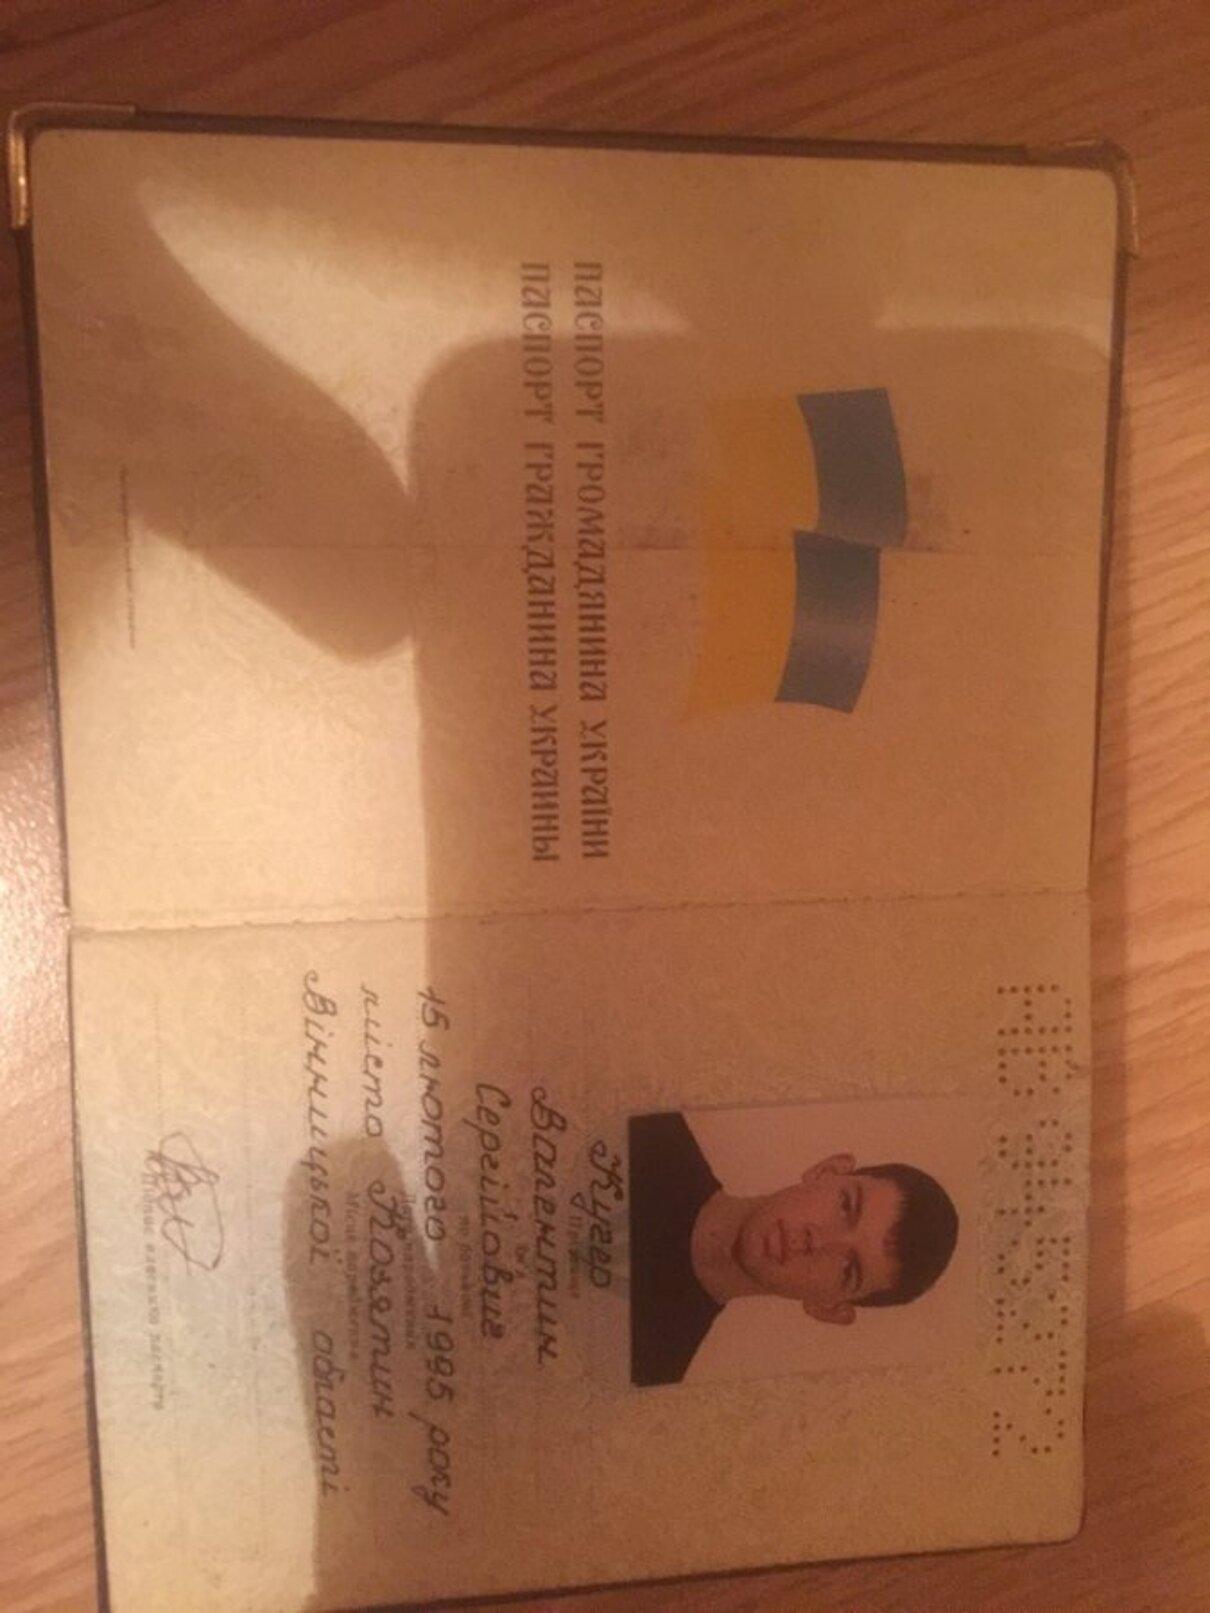 Жалоба-отзыв: Кучер Валентин Сергеевич - Кучер Валентин Сергеевич МОШЕННИК